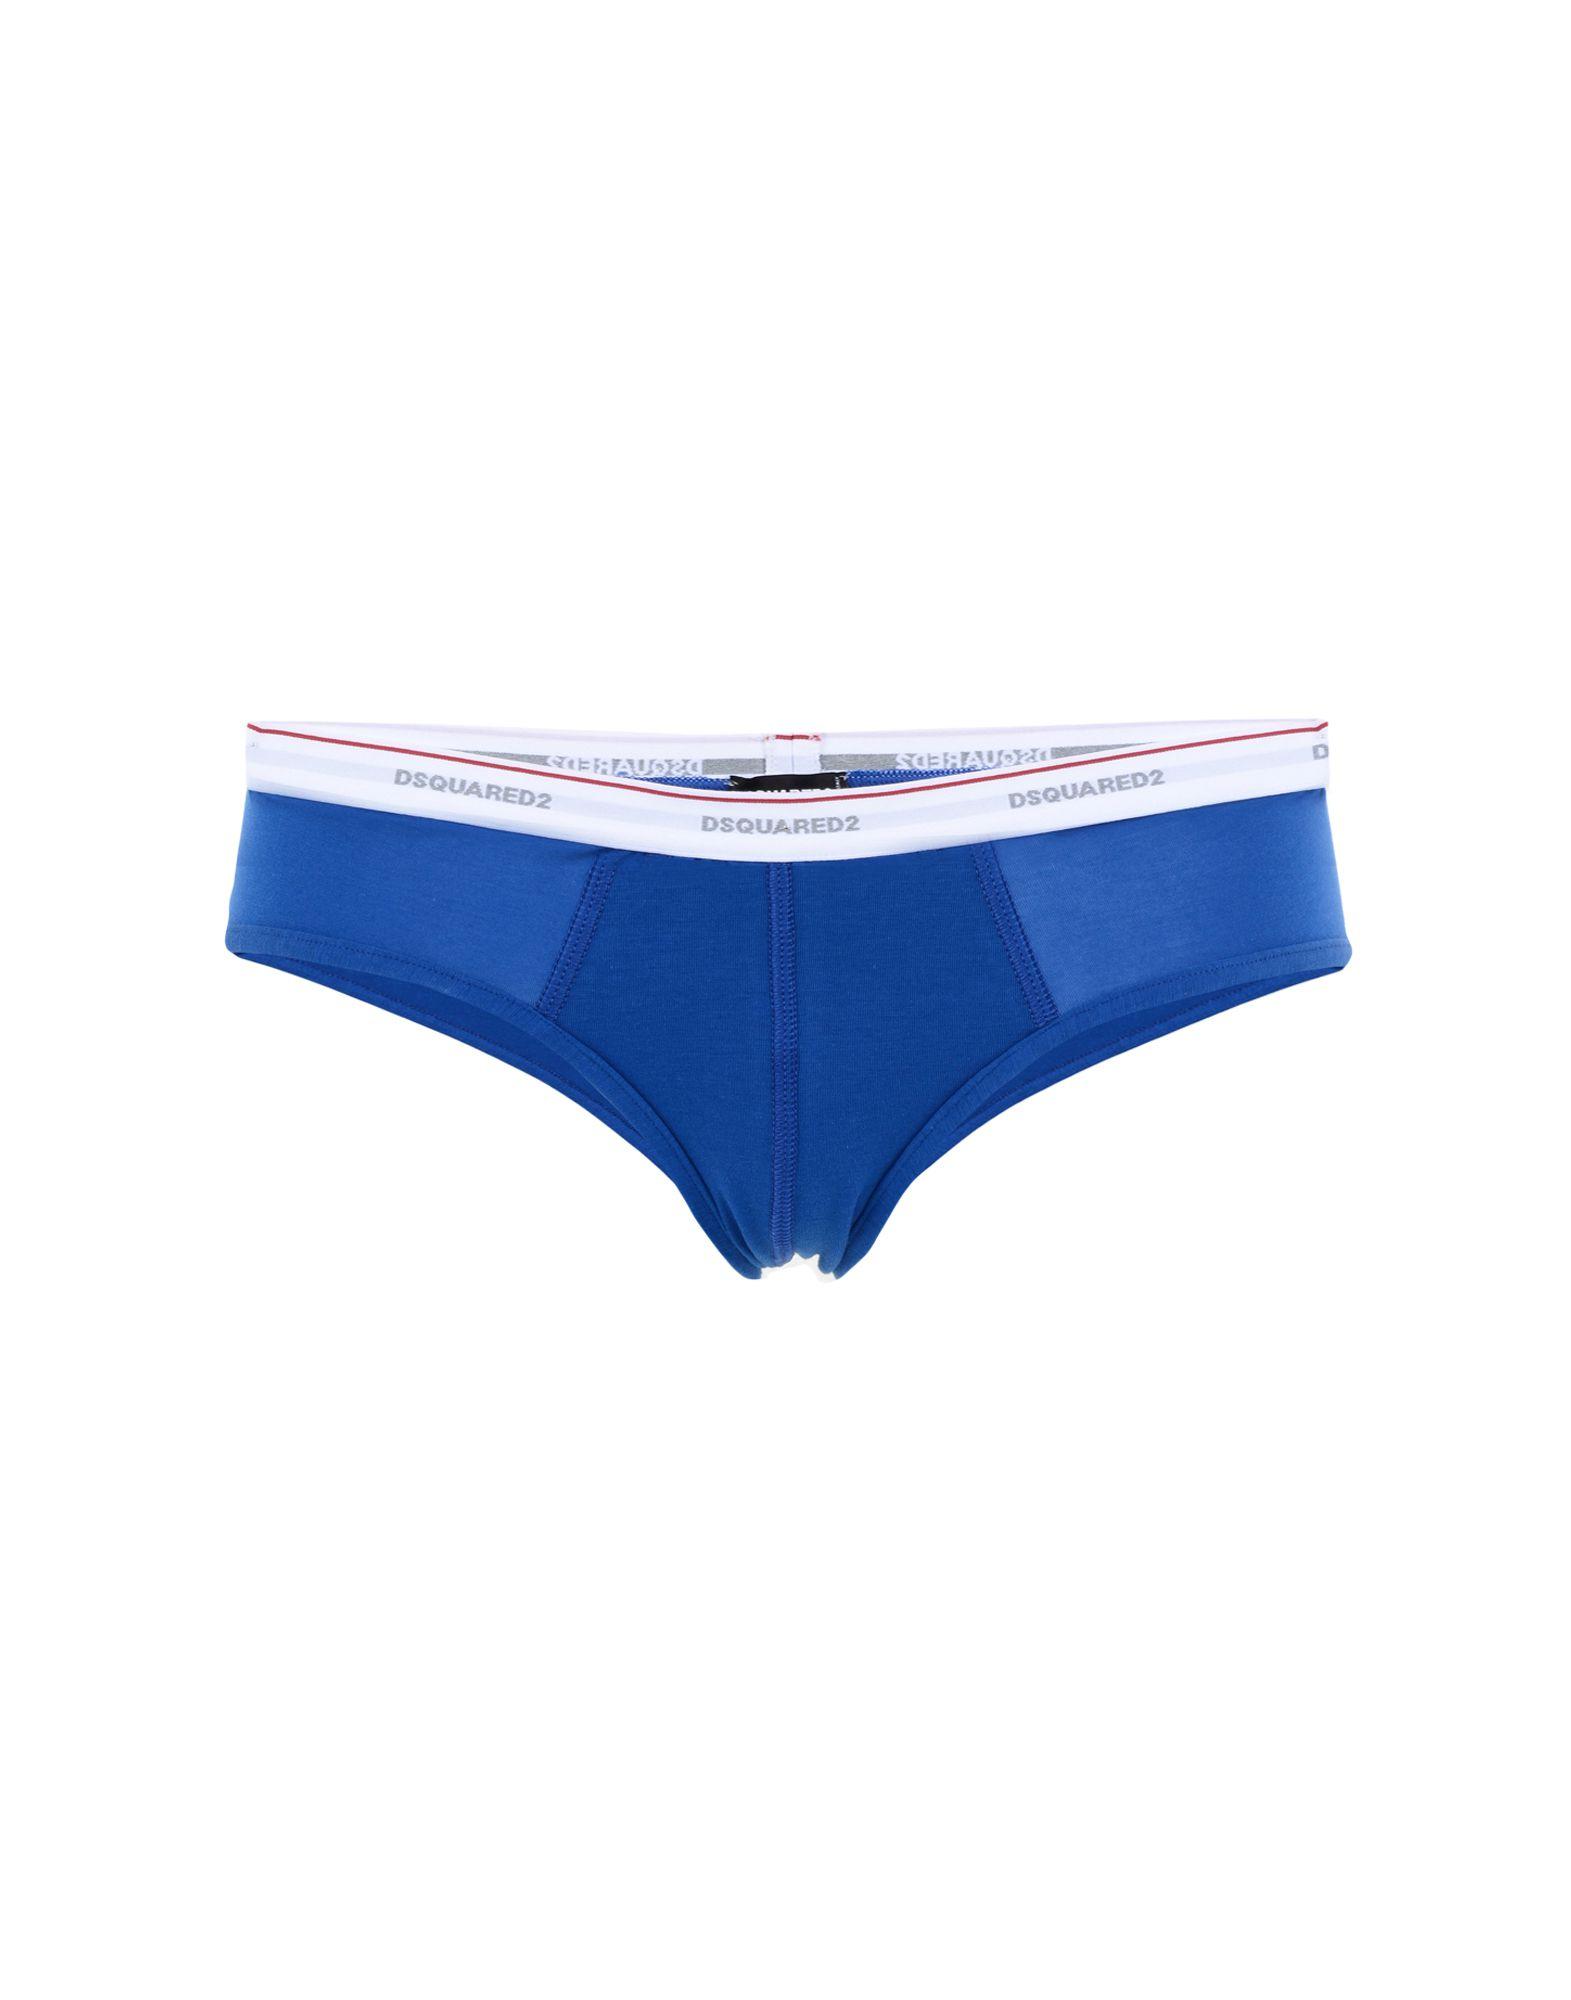 DSQUARED2 Damen Slip Farbe Blau Größe 2